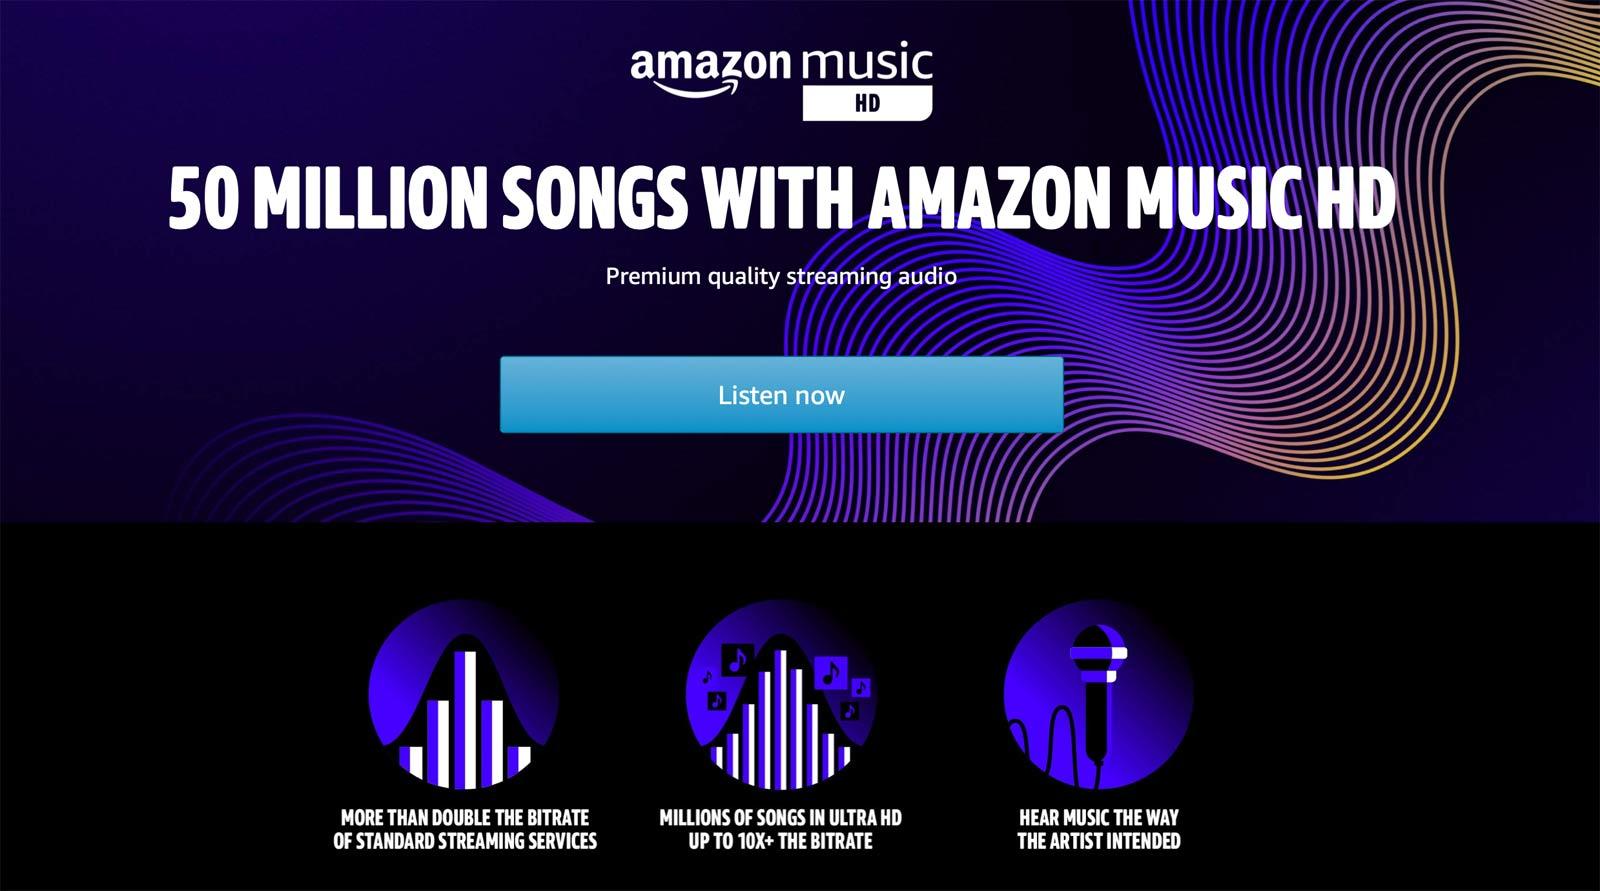 Amazon Music images